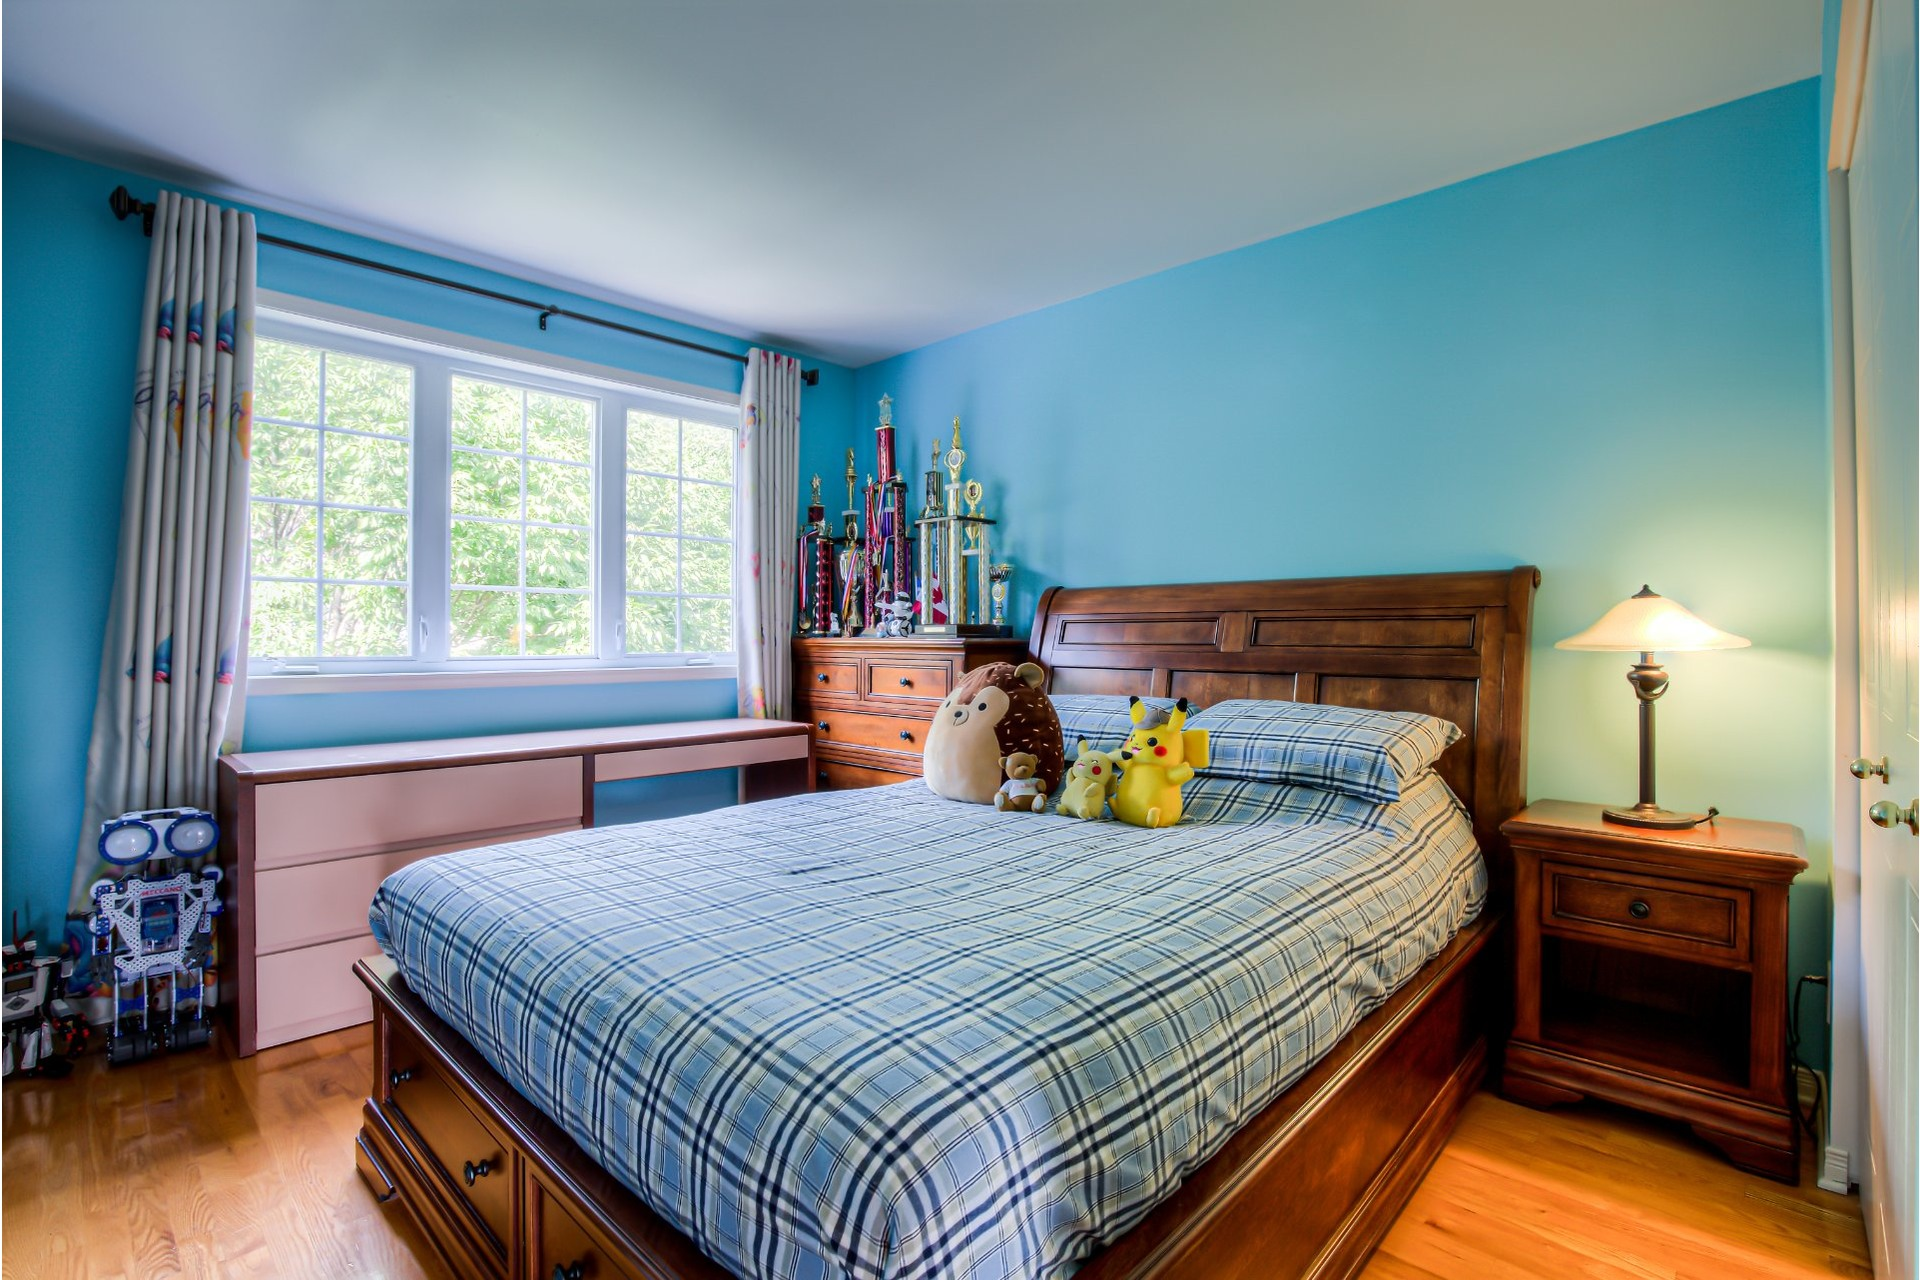 image 15 - Maison À vendre Pierrefonds-Roxboro Montréal  - 8 pièces